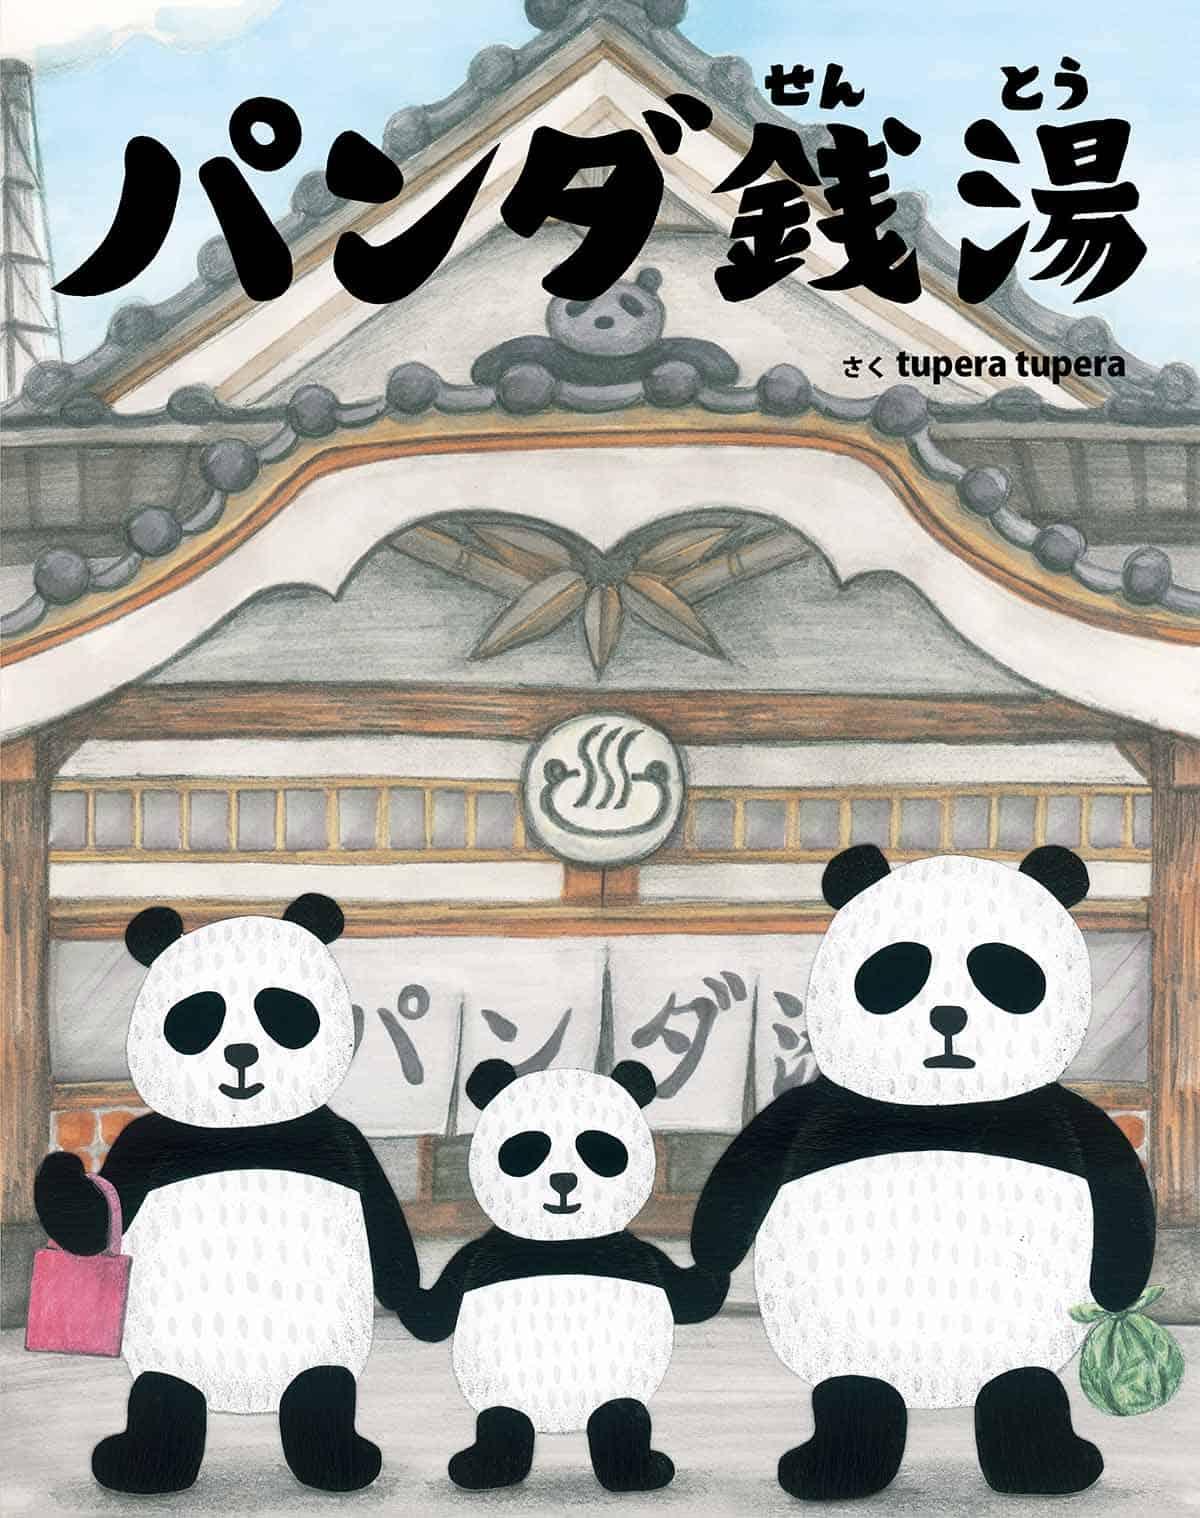 หนังสือ Panda Sento โดยศิลปิน tupera tupera